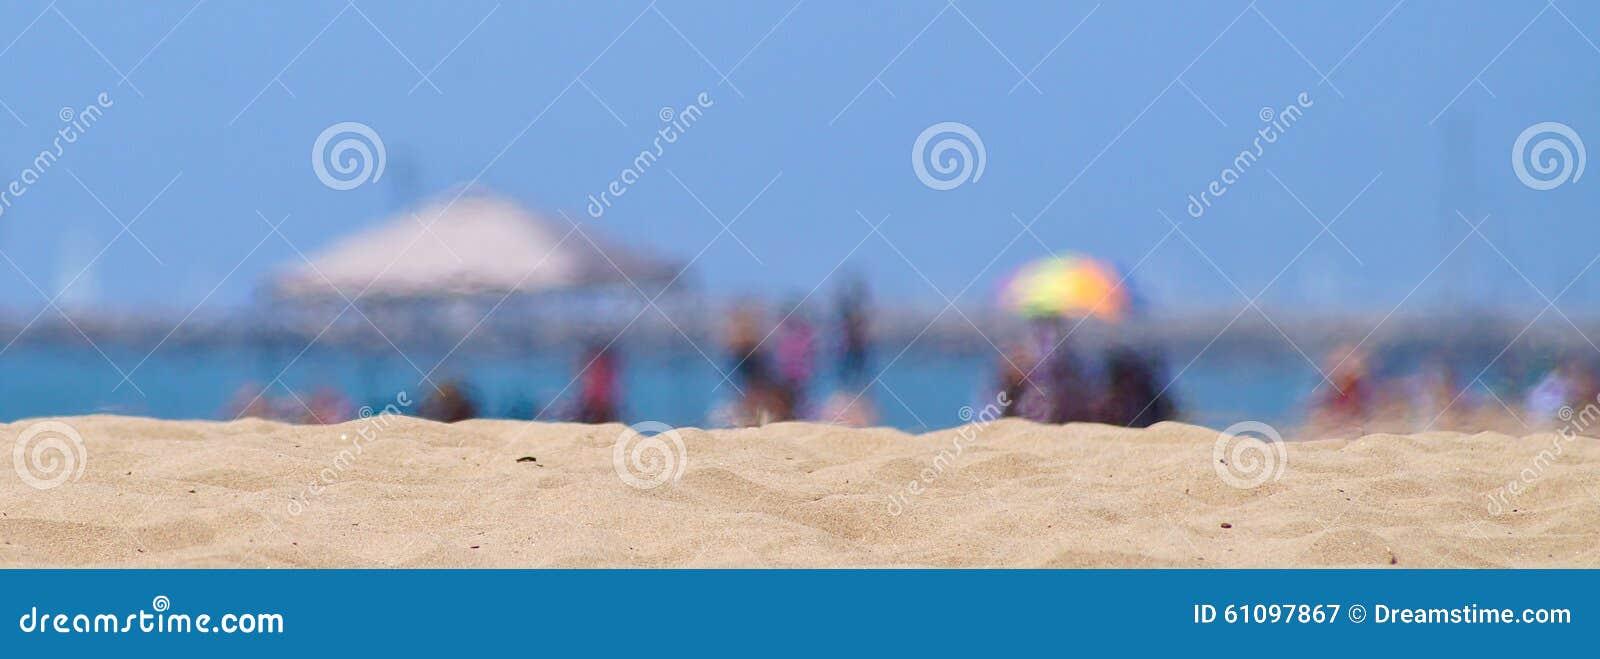 Undeutliche Hitzewellen am Strand